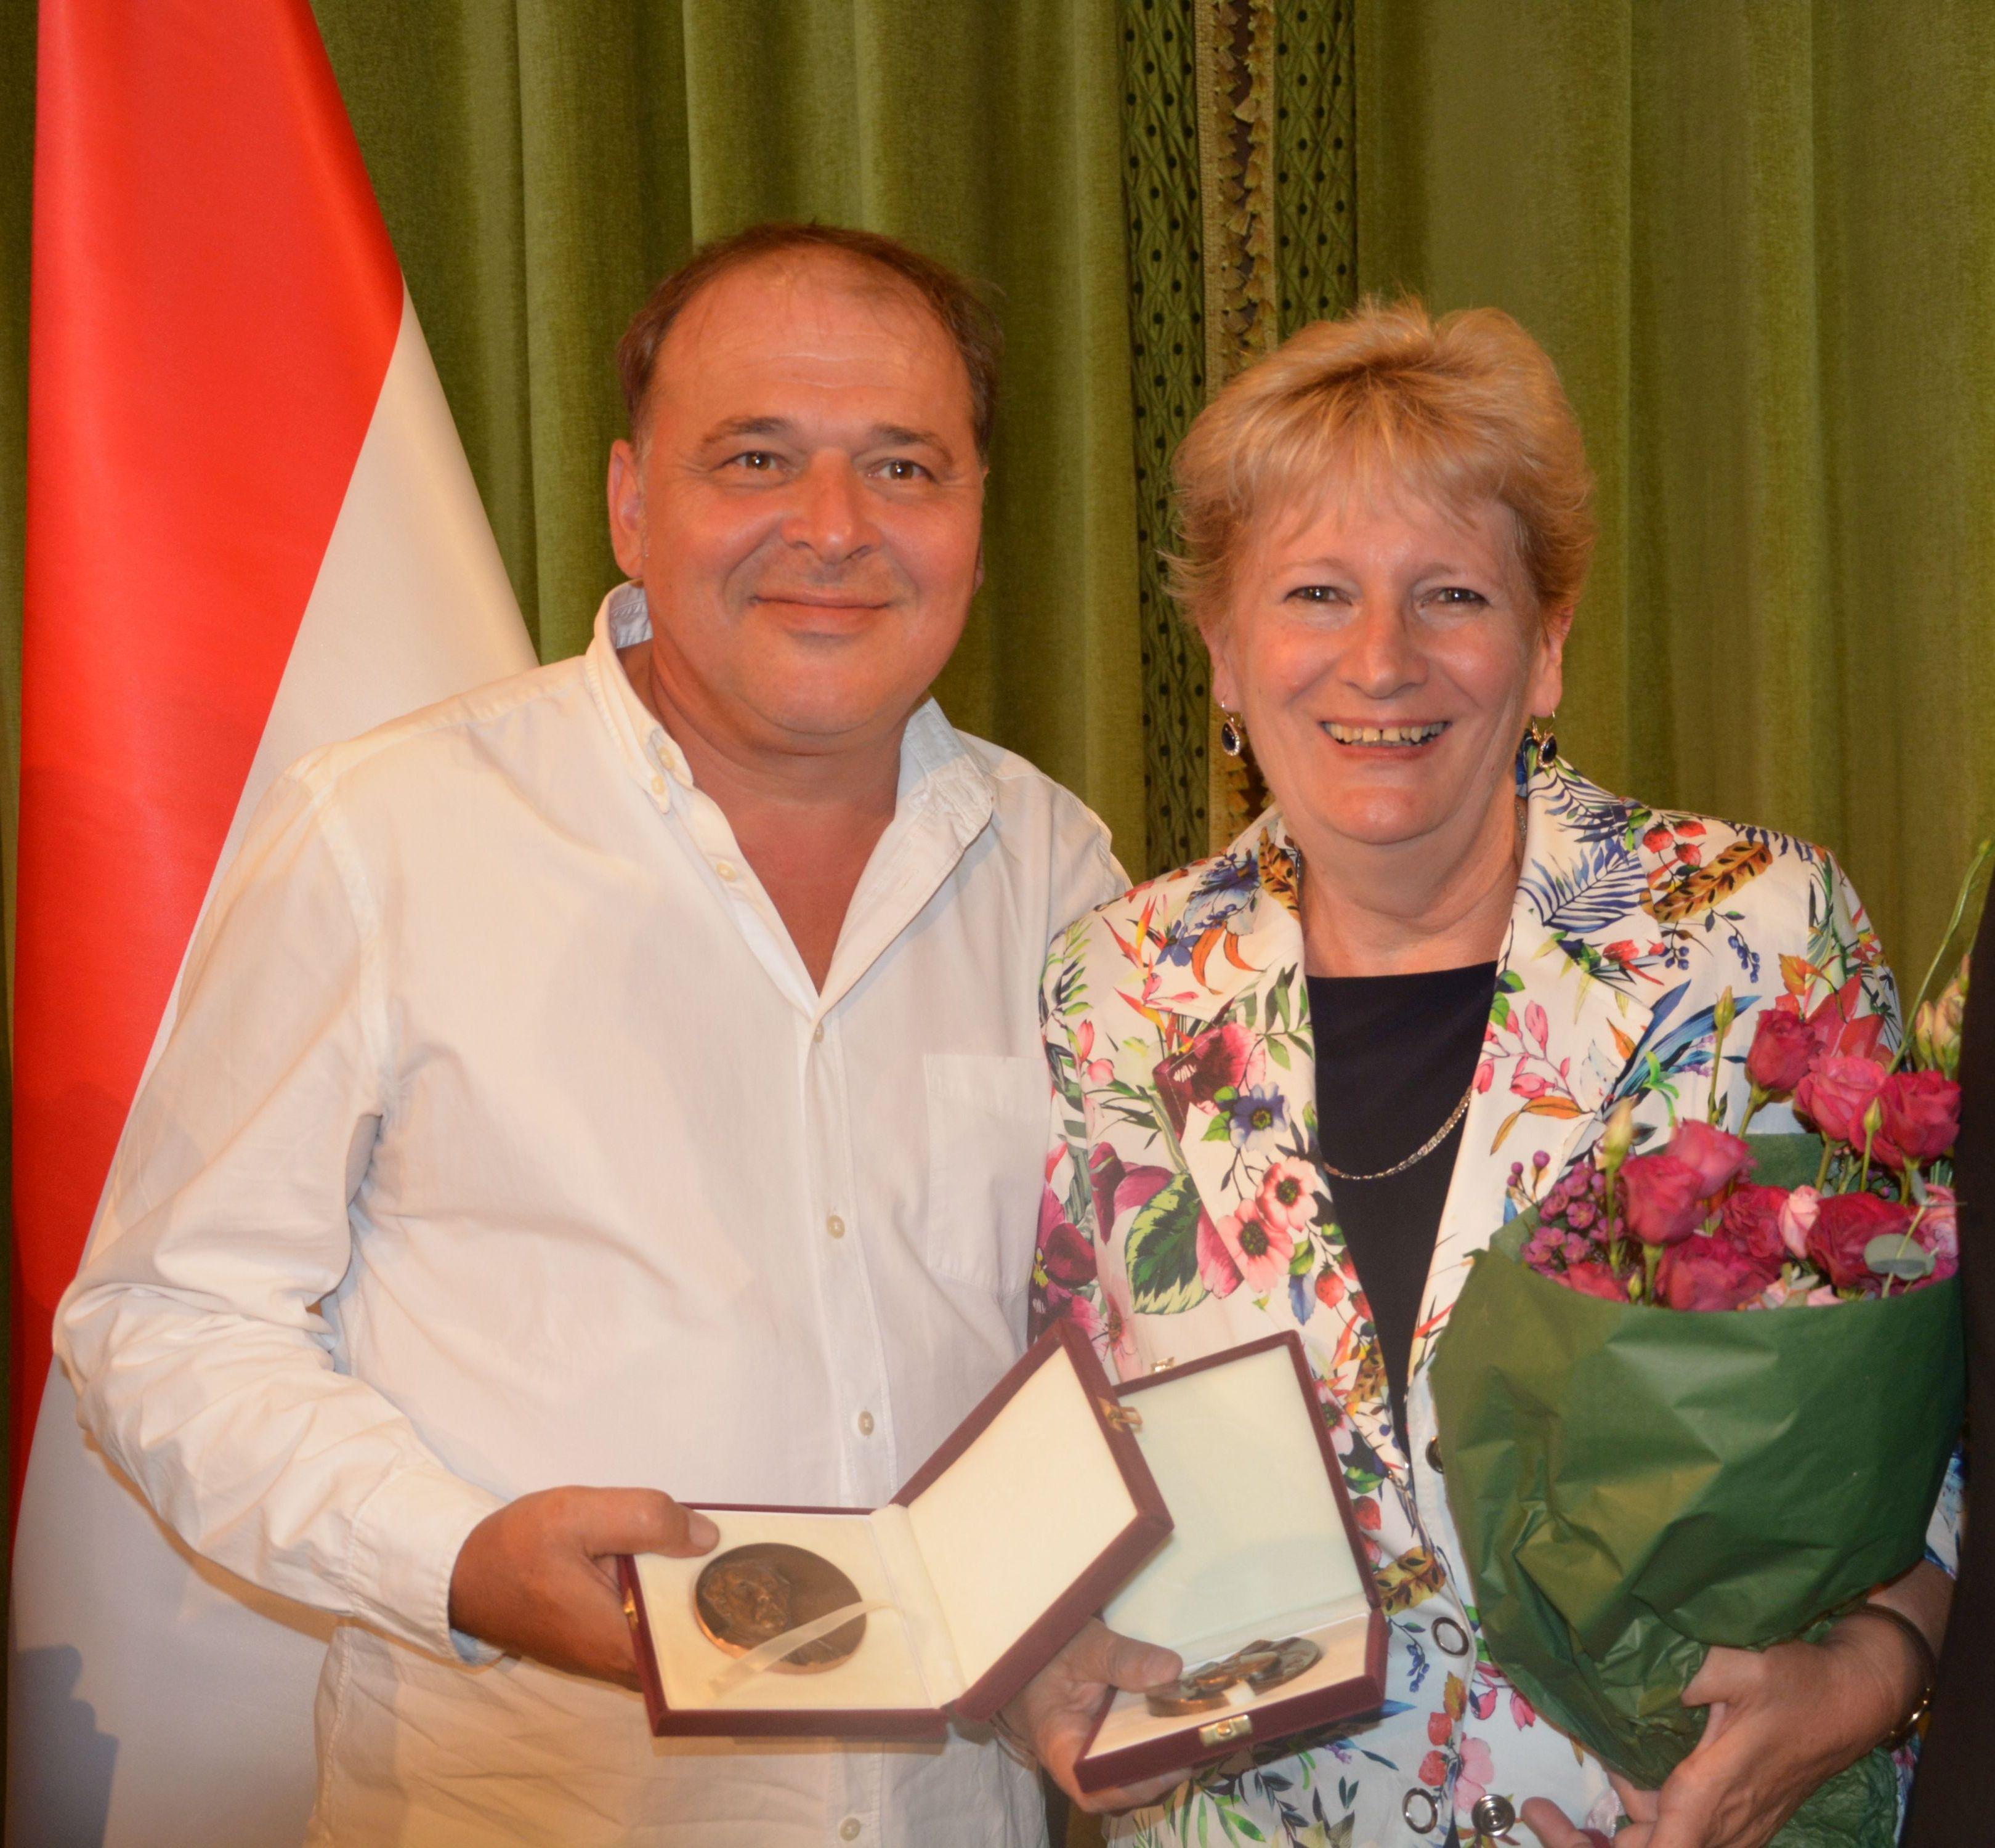 Szedlacsek Emília és Jantyik Zsolt